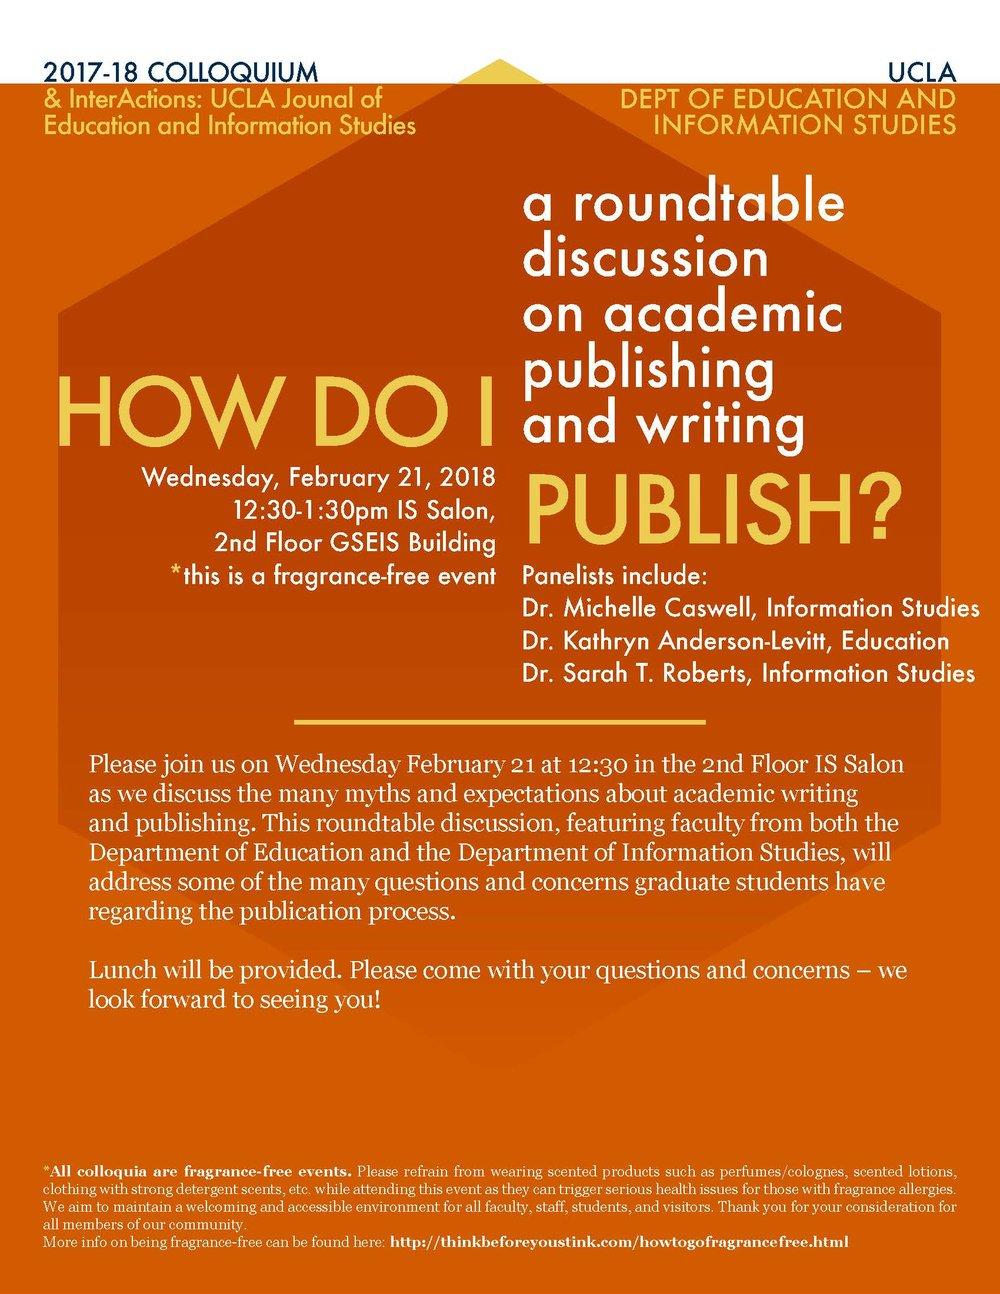 IA publishing panel.jpg